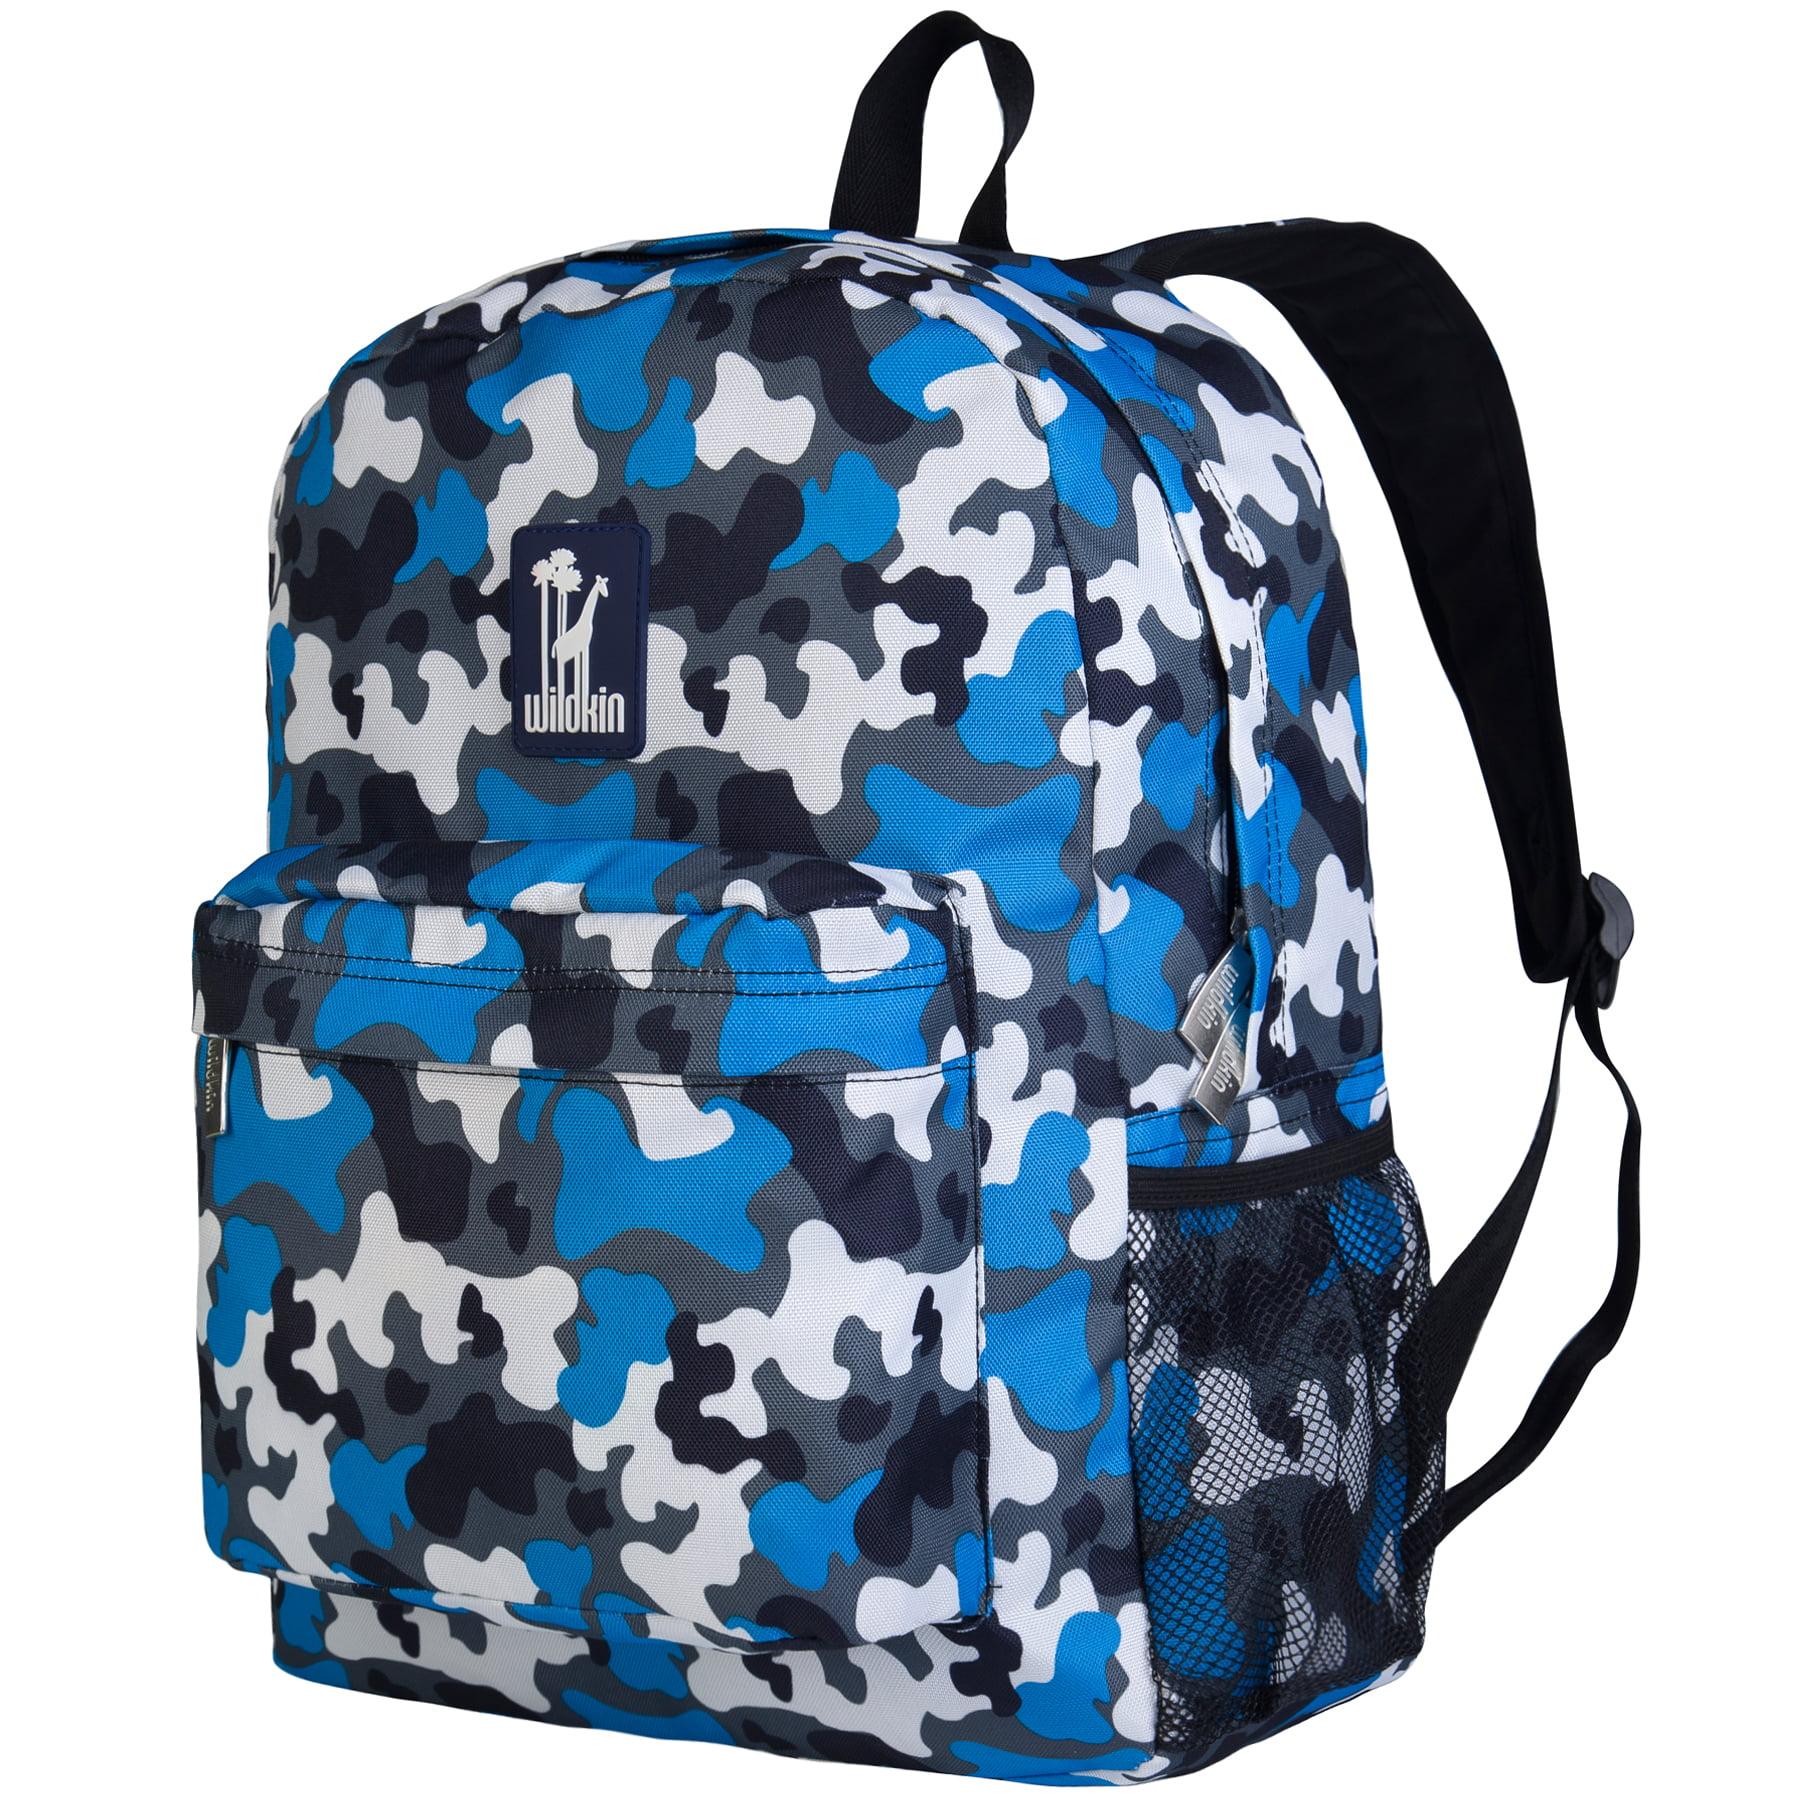 Wildkin Blue Camo 16 Inch Backpack by Wildkin